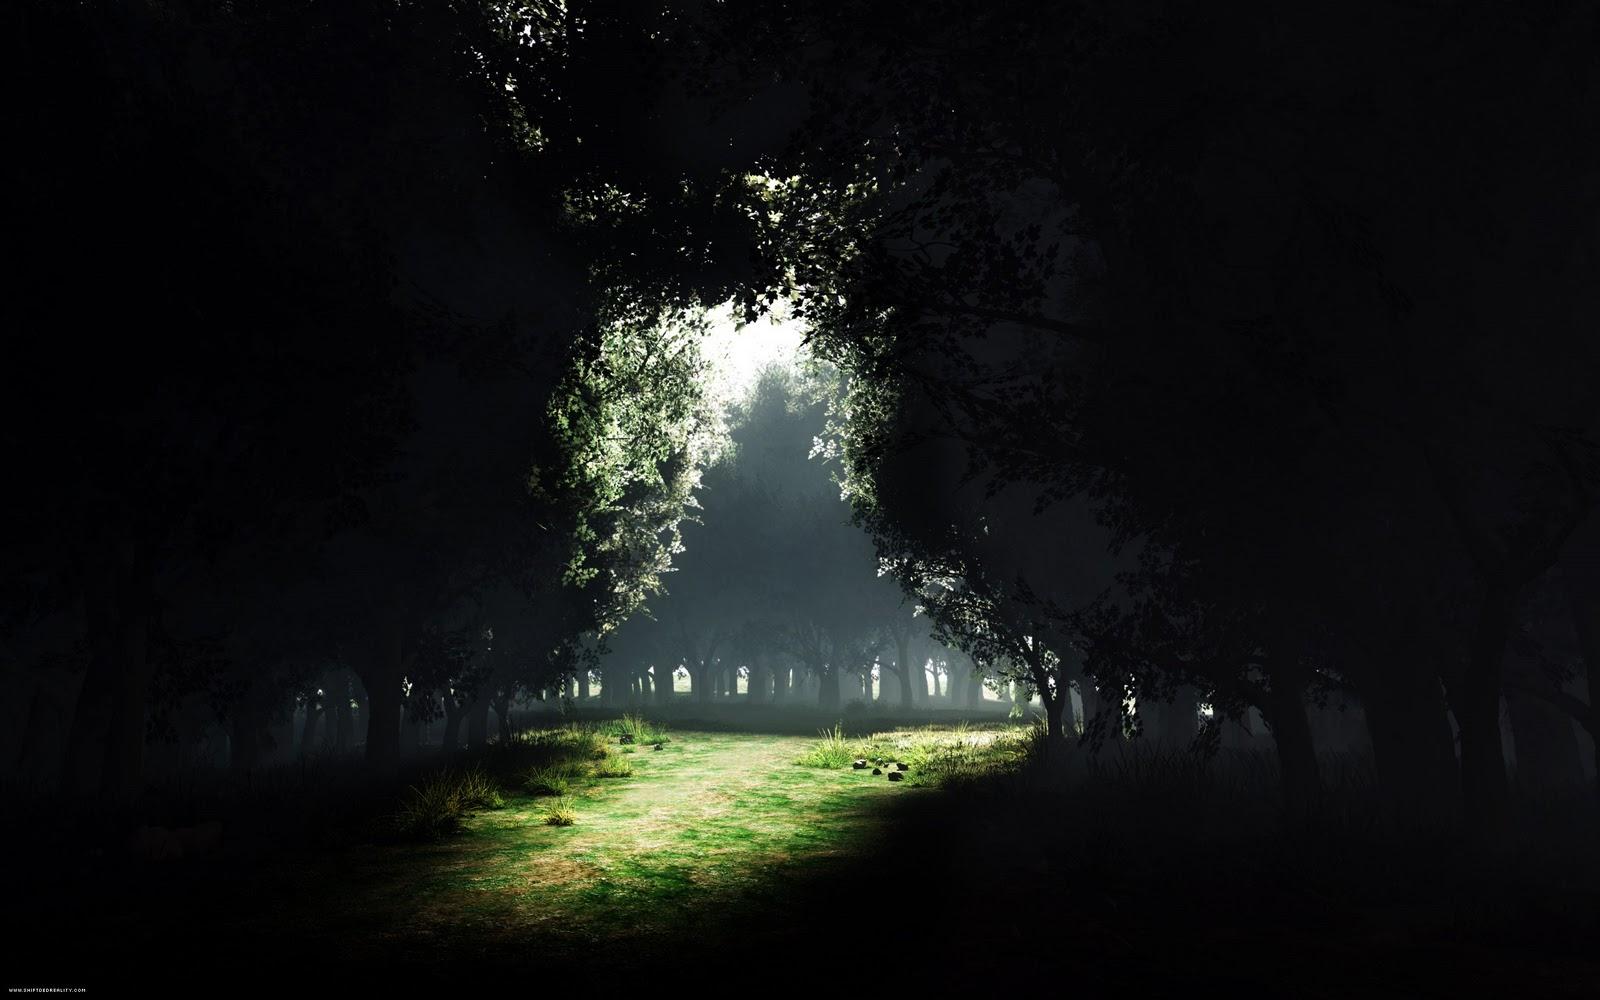 http://4.bp.blogspot.com/_sRGU_JXOz6E/TRfJrhSjjzI/AAAAAAAAAlc/SbLbd8rUCHk/s1600/Trees+Wallpaper_+%252811%2529.jpg